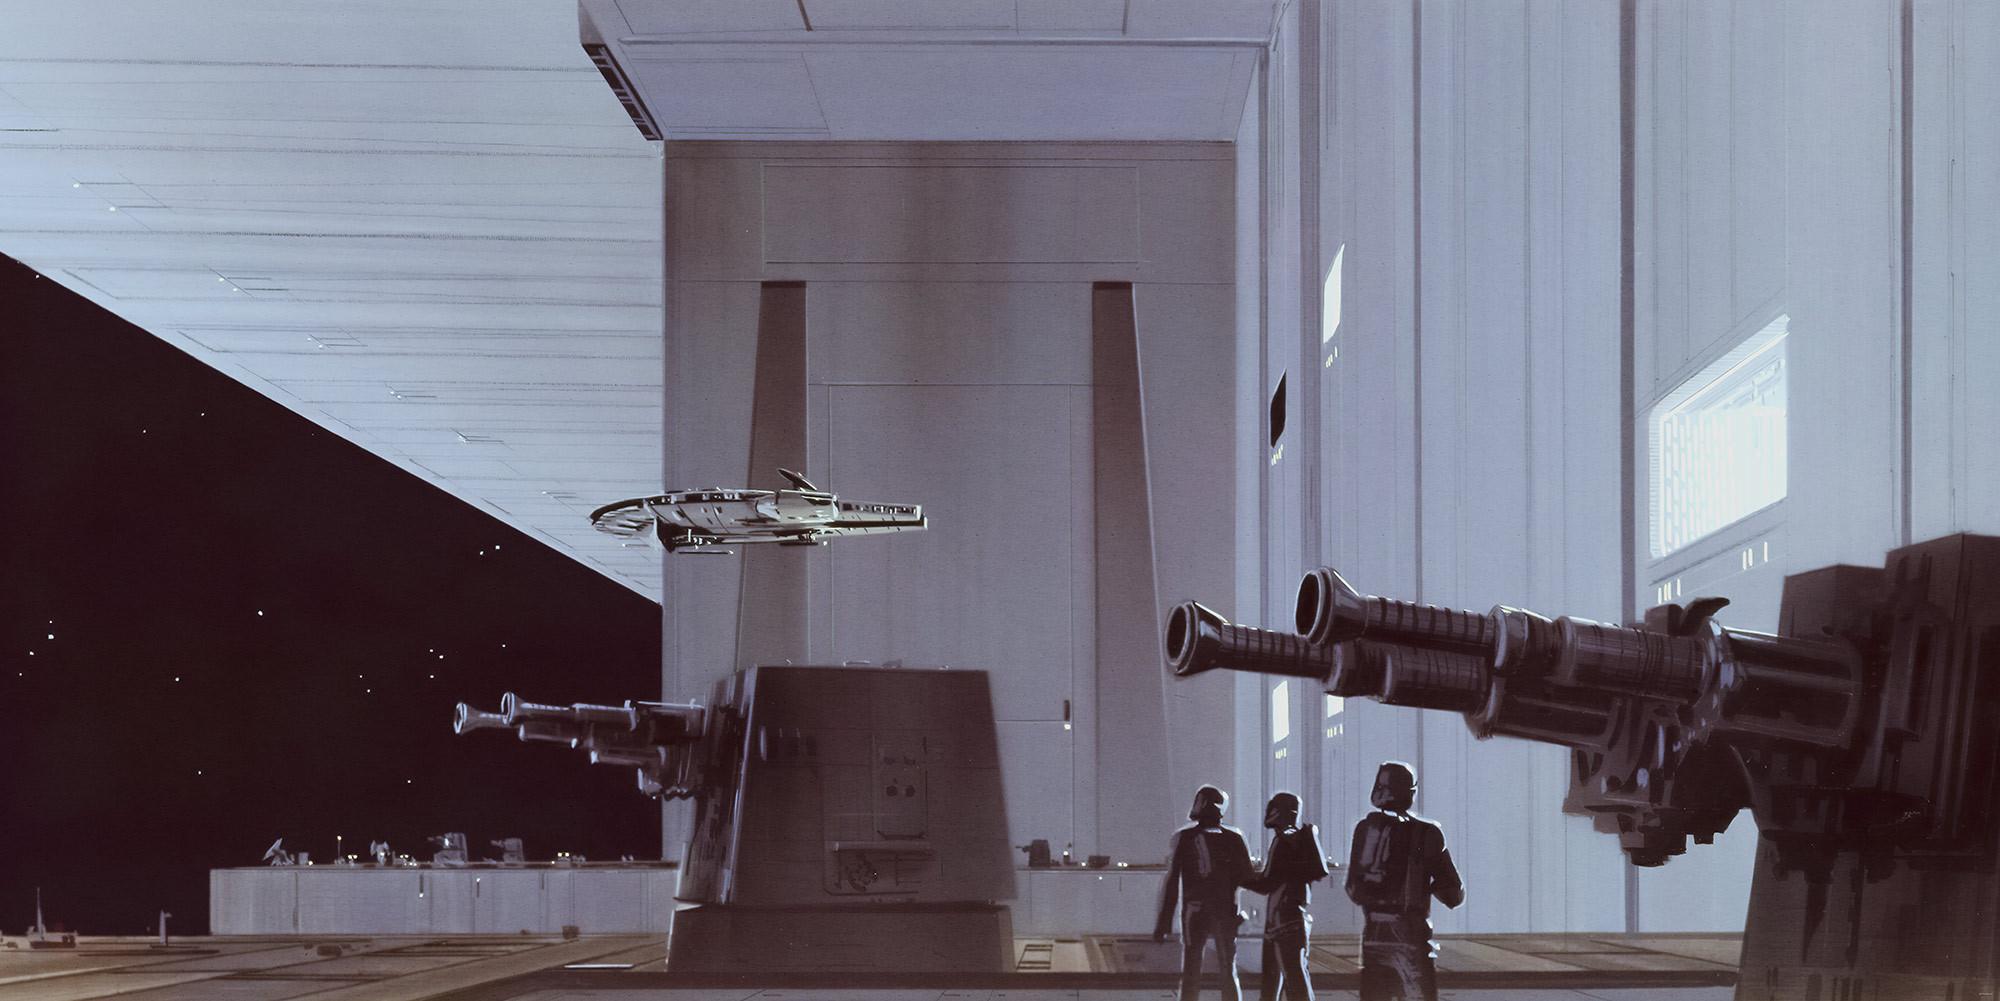 Star Wars Classic RMQ Death Star Hangar